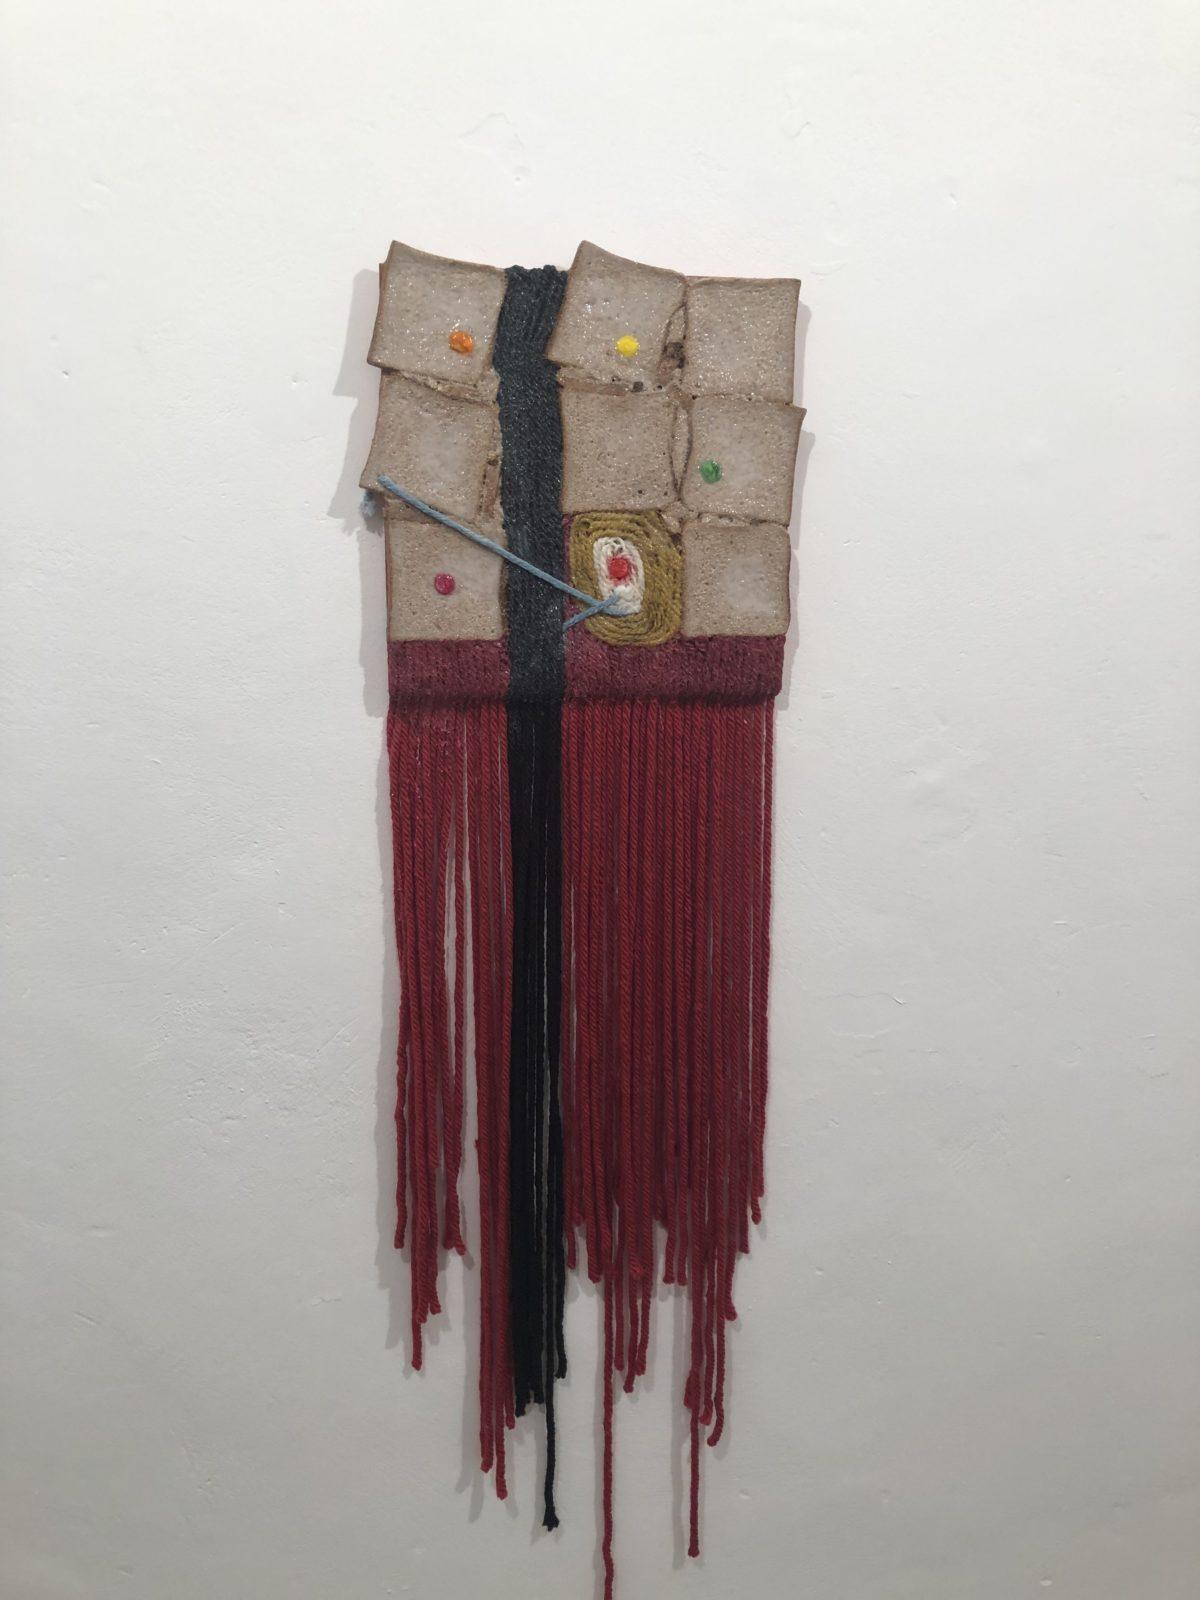 art contemporain chez orenga de gaffory à Patrimonio